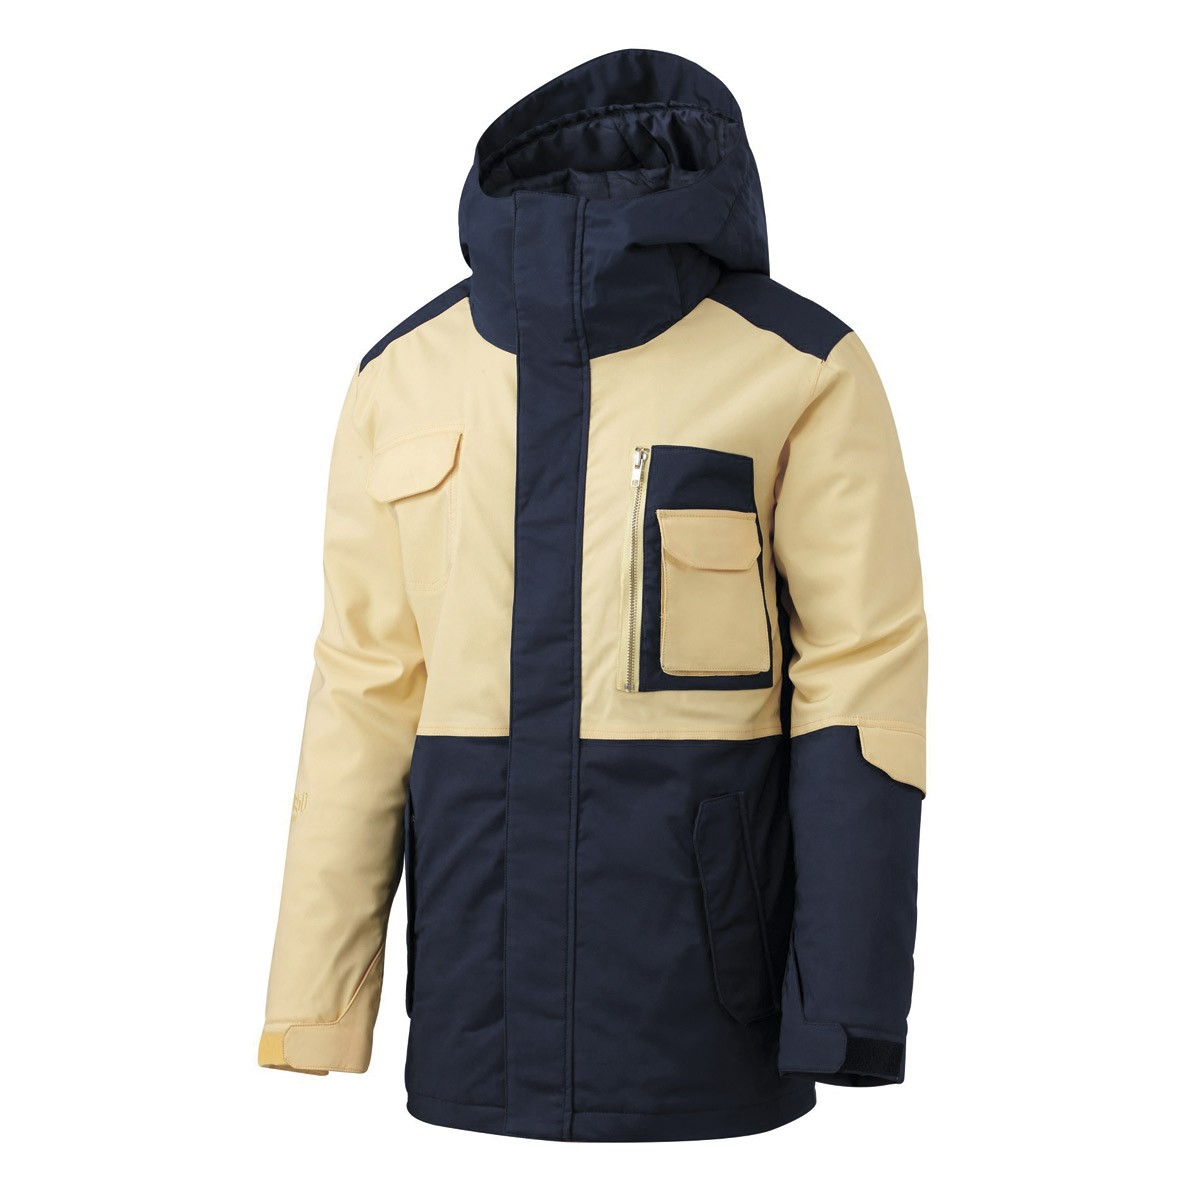 Yellow/Navy